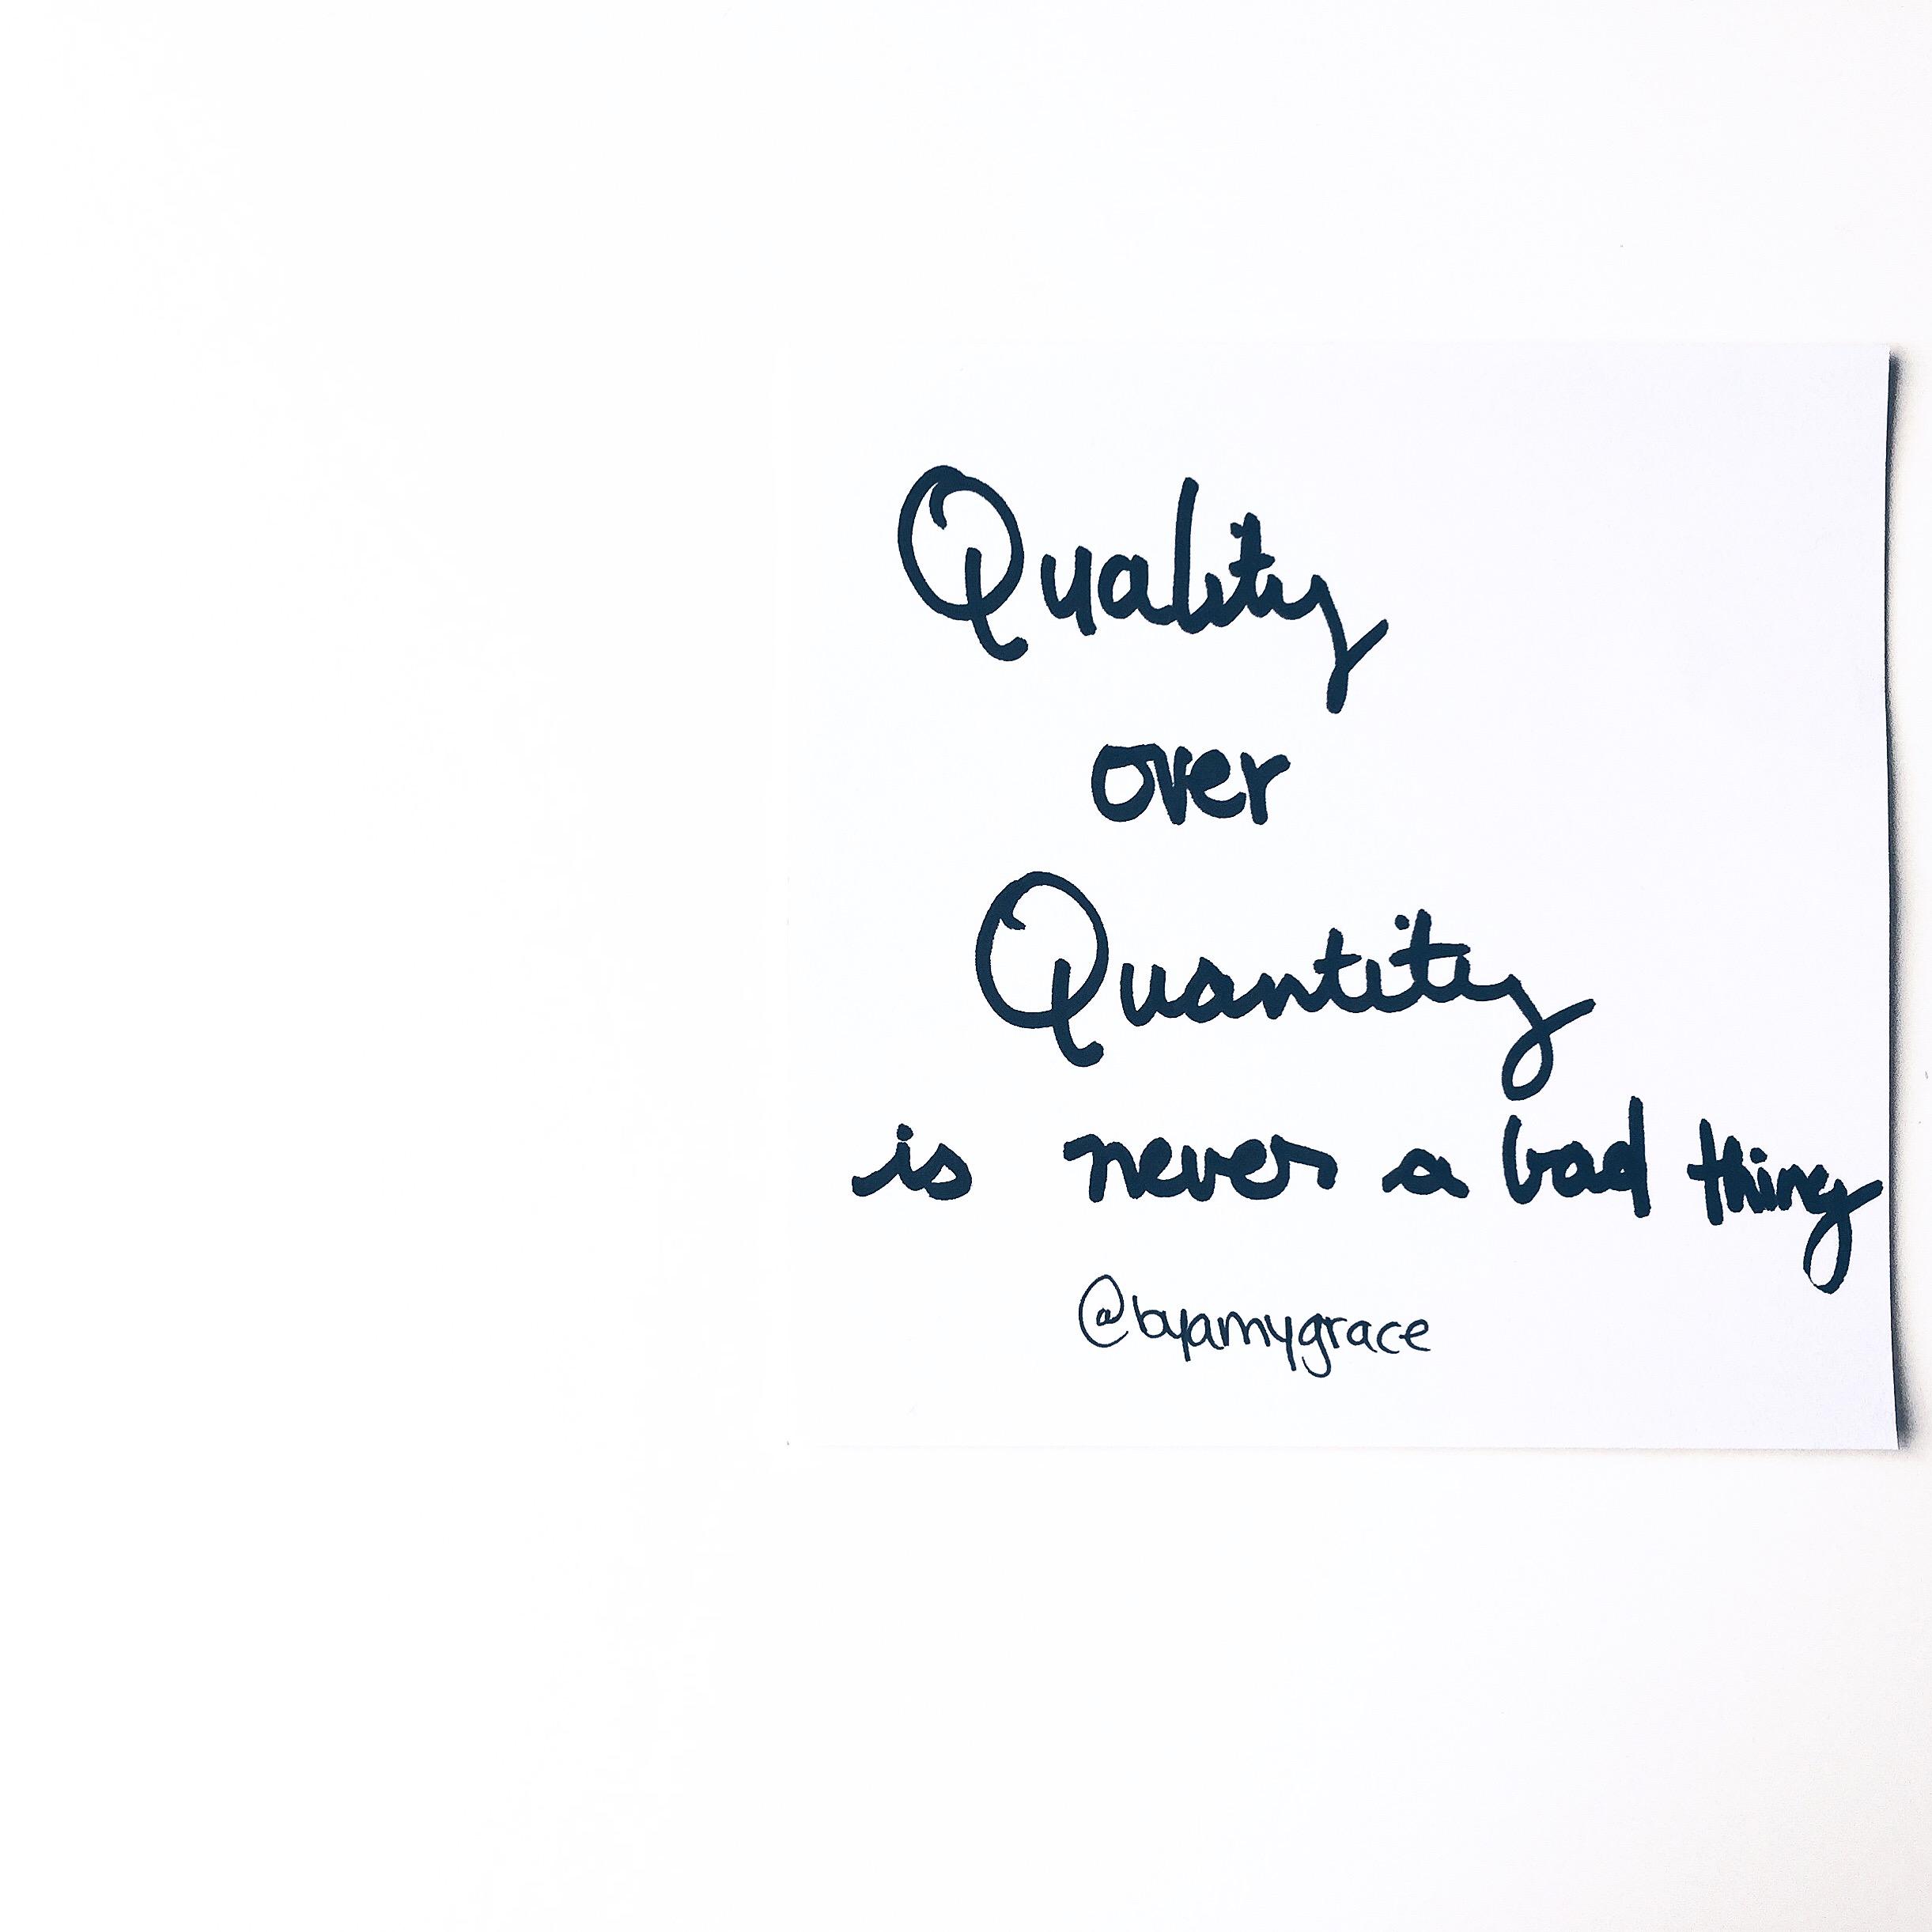 qualityoverquanity.byamygrace